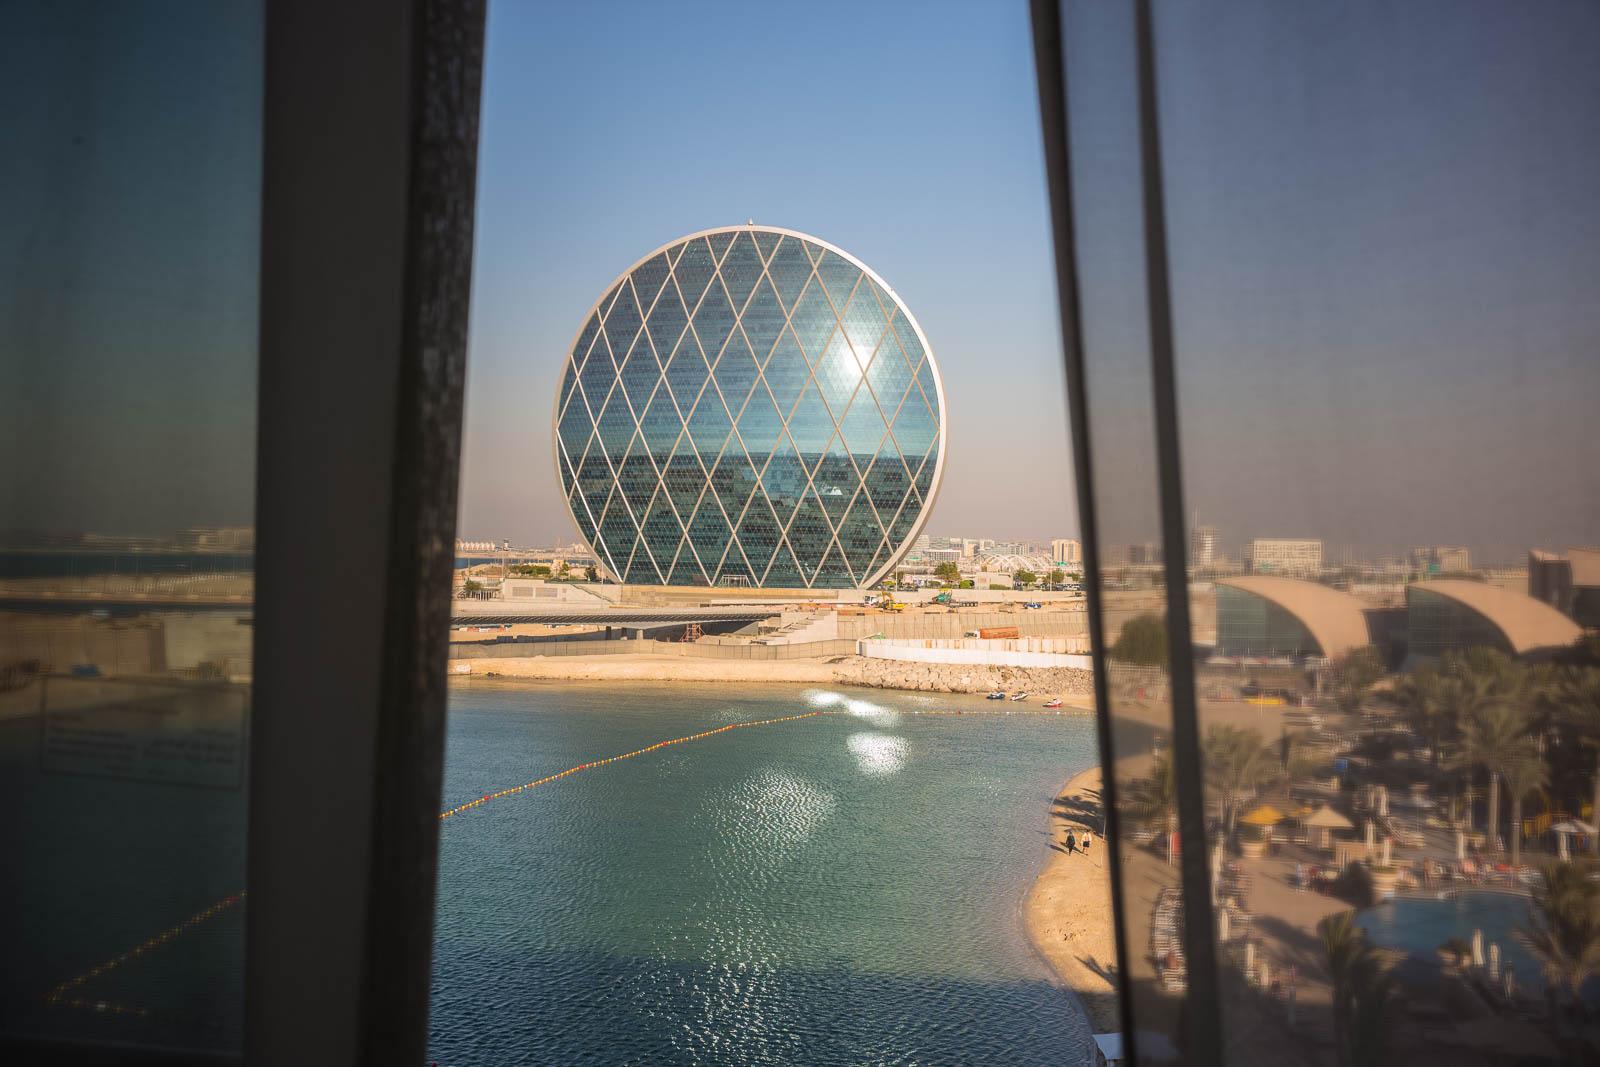 Room 443, Al Raha Beach Resort, Abu Dhabi